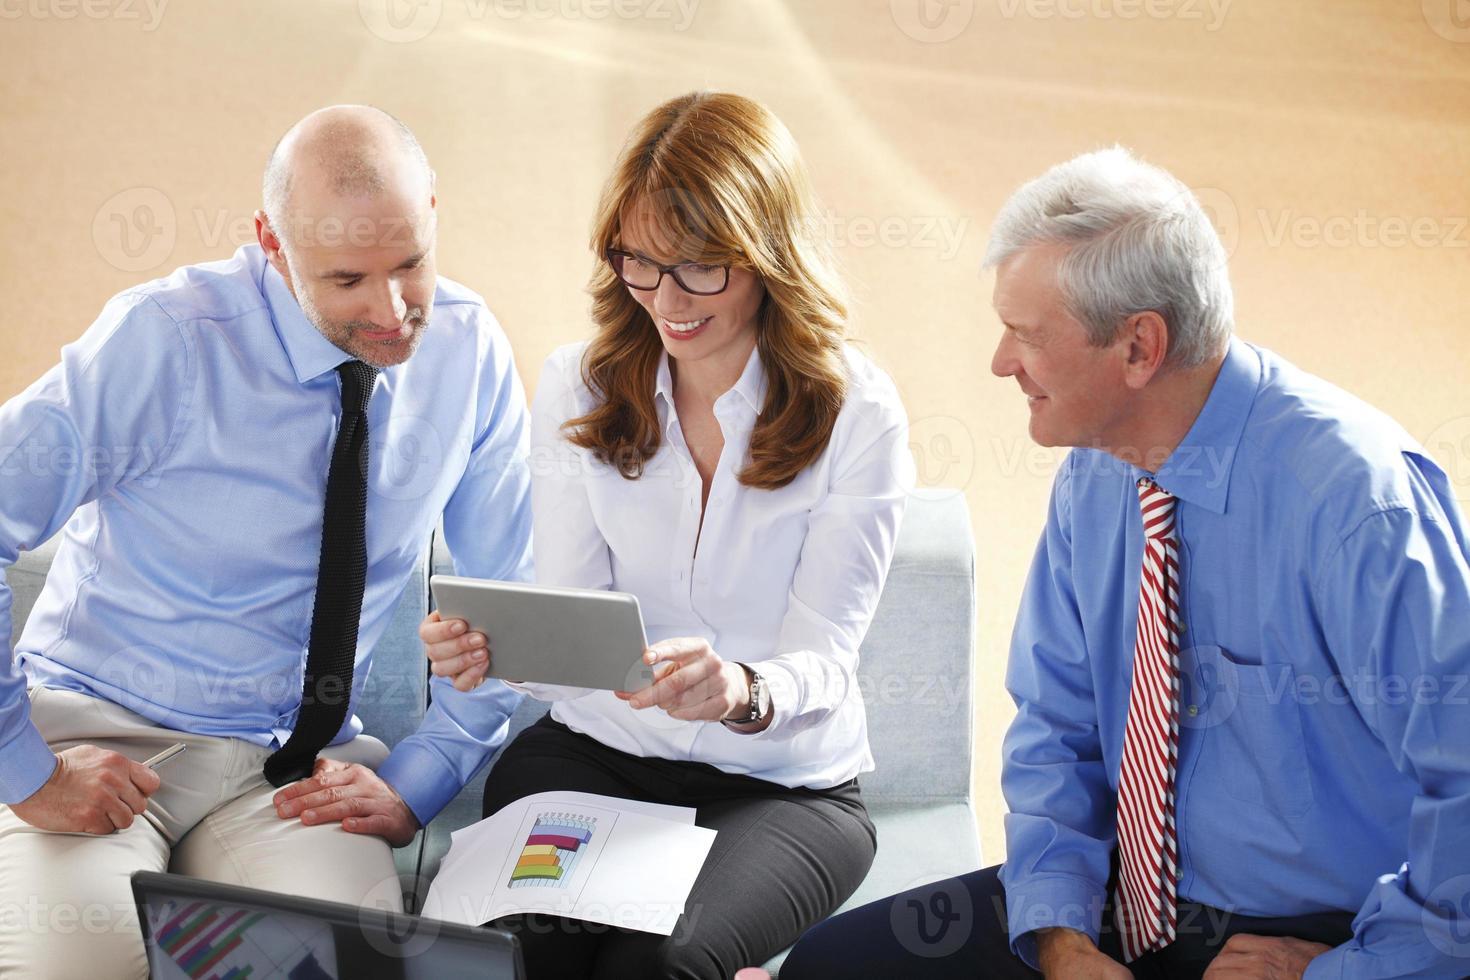 équipe commerciale au travail photo